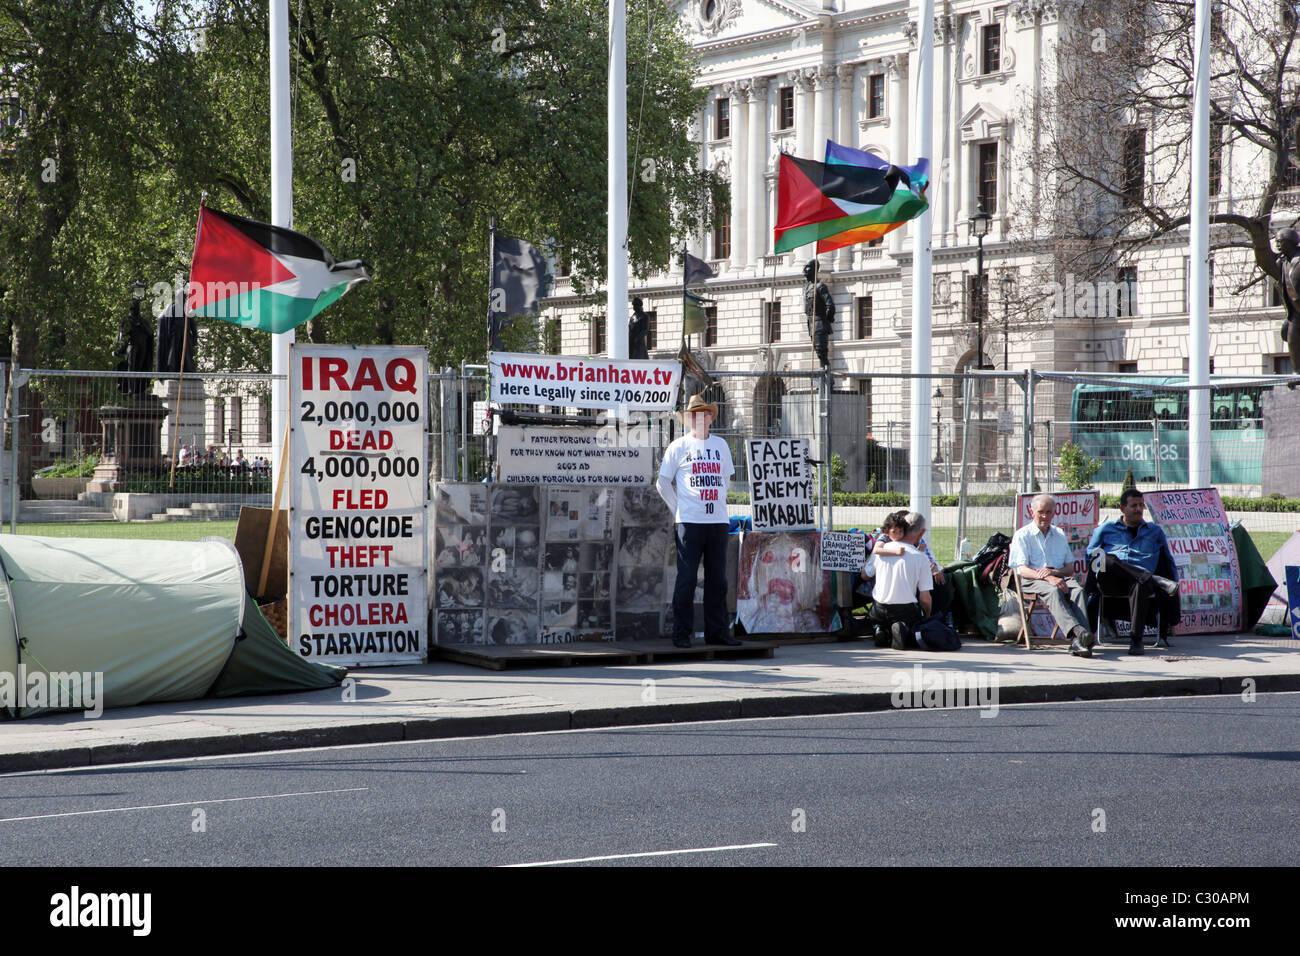 Brian Haw manifestant à l'extérieur de la Chambre du Parlement, Westminster. Photo Stock